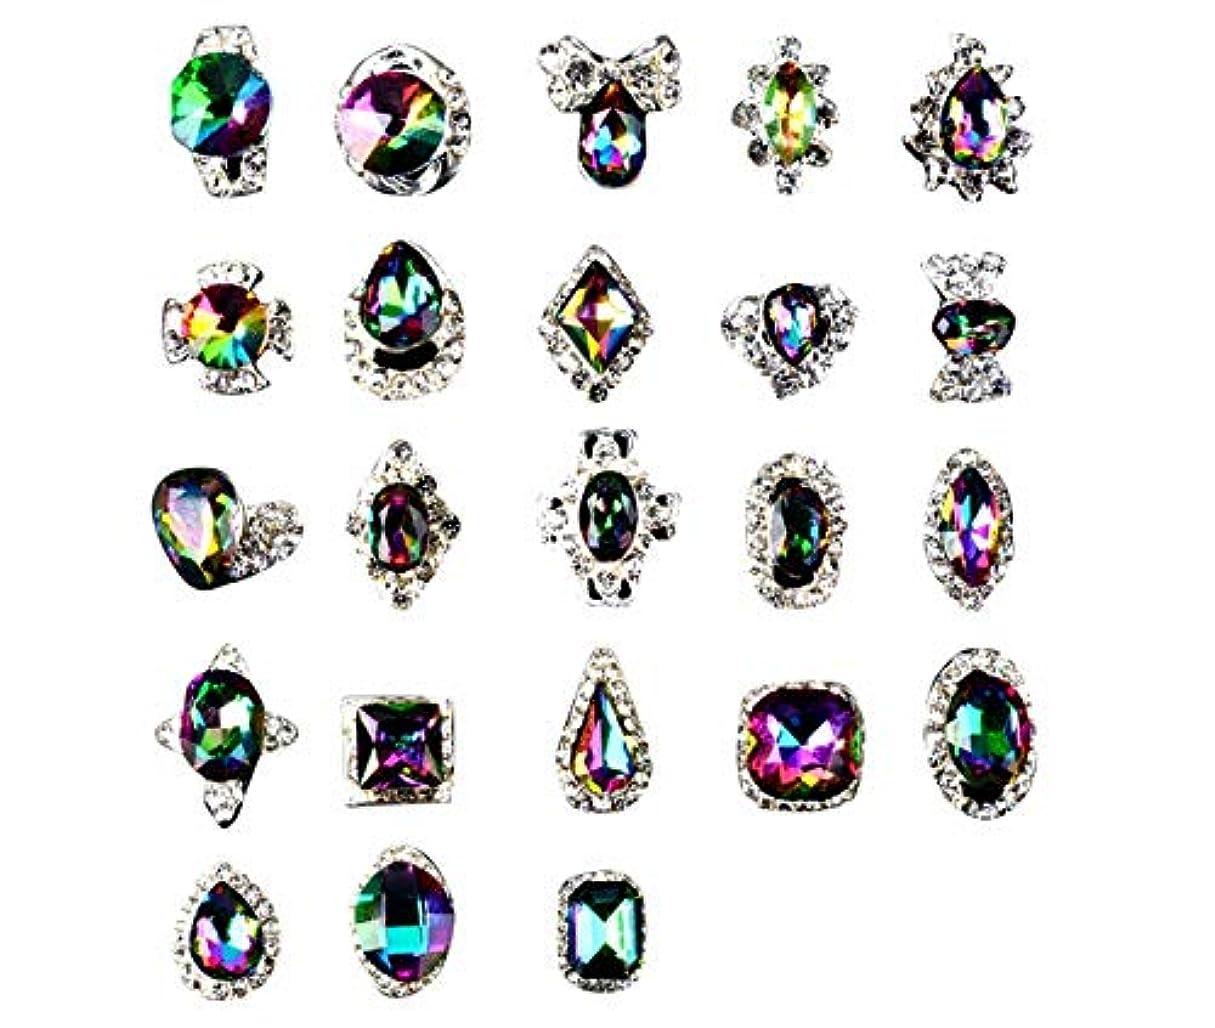 結紮不良品戸棚Tianmey ラインストーンクリスタルガラス、金属宝石ストーンズマニキュアネイルアートデコレーショングリッターチャーミング3D DIYネイルアートのヒント